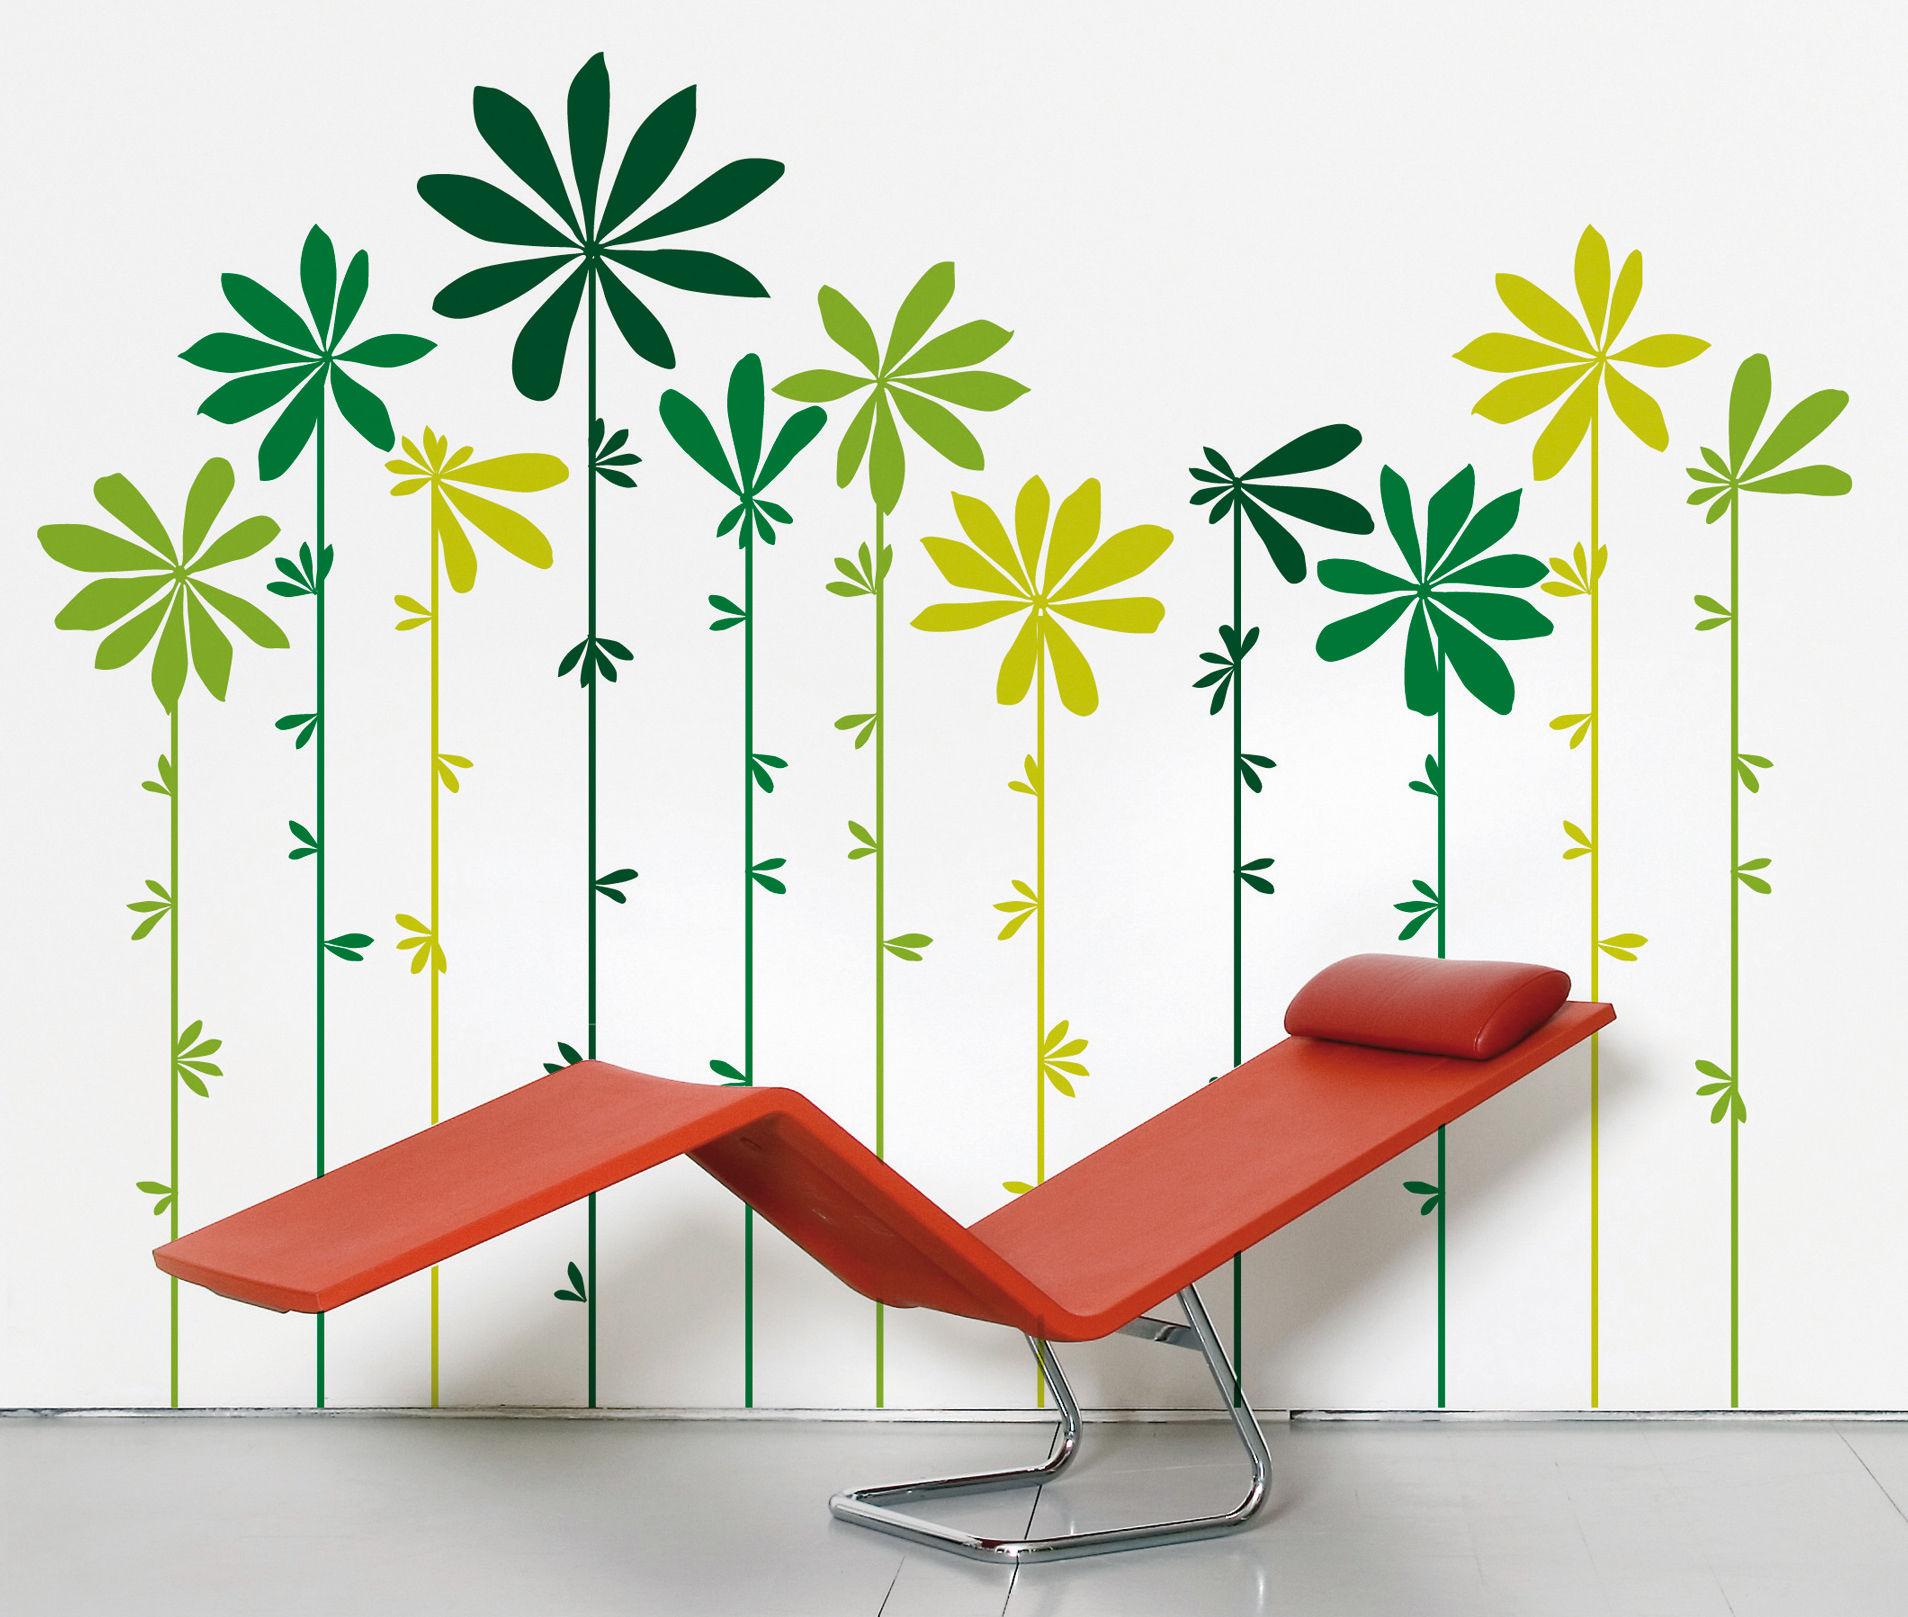 Interni - Sticker - Sticker Tournesol Green di Domestic - Tonalità verde - Vinile